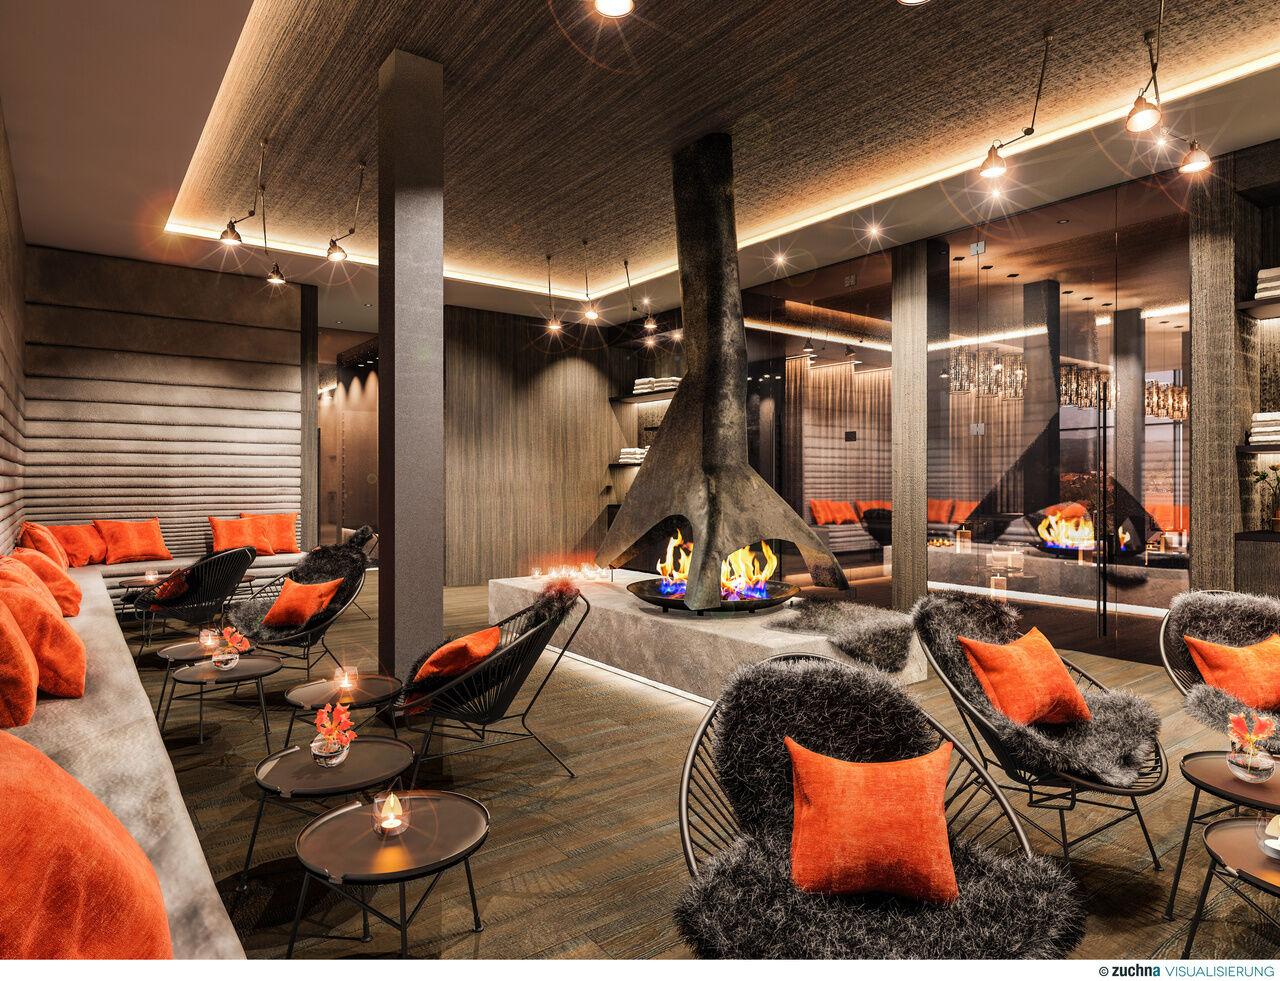 wellnesshotel wellnessurlaub wellnessbereich h ttenhof 4 sterne bayern. Black Bedroom Furniture Sets. Home Design Ideas